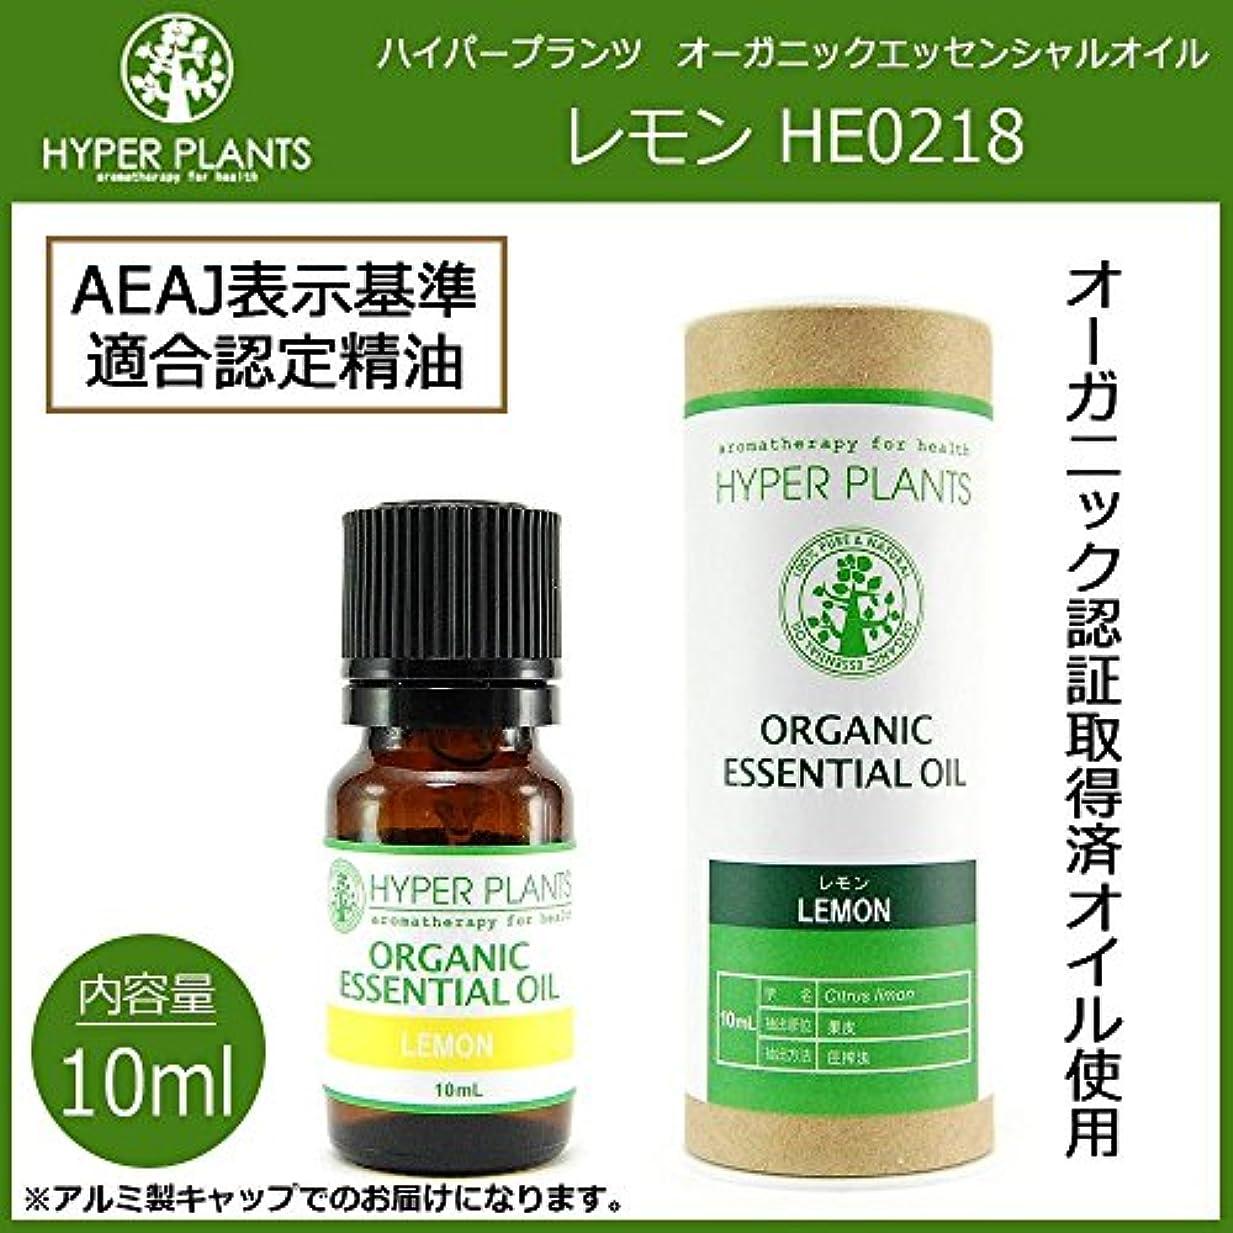 能力レバー閲覧するHYPER PLANTS ハイパープランツ オーガニックエッセンシャルオイル レモン 10ml HE0218